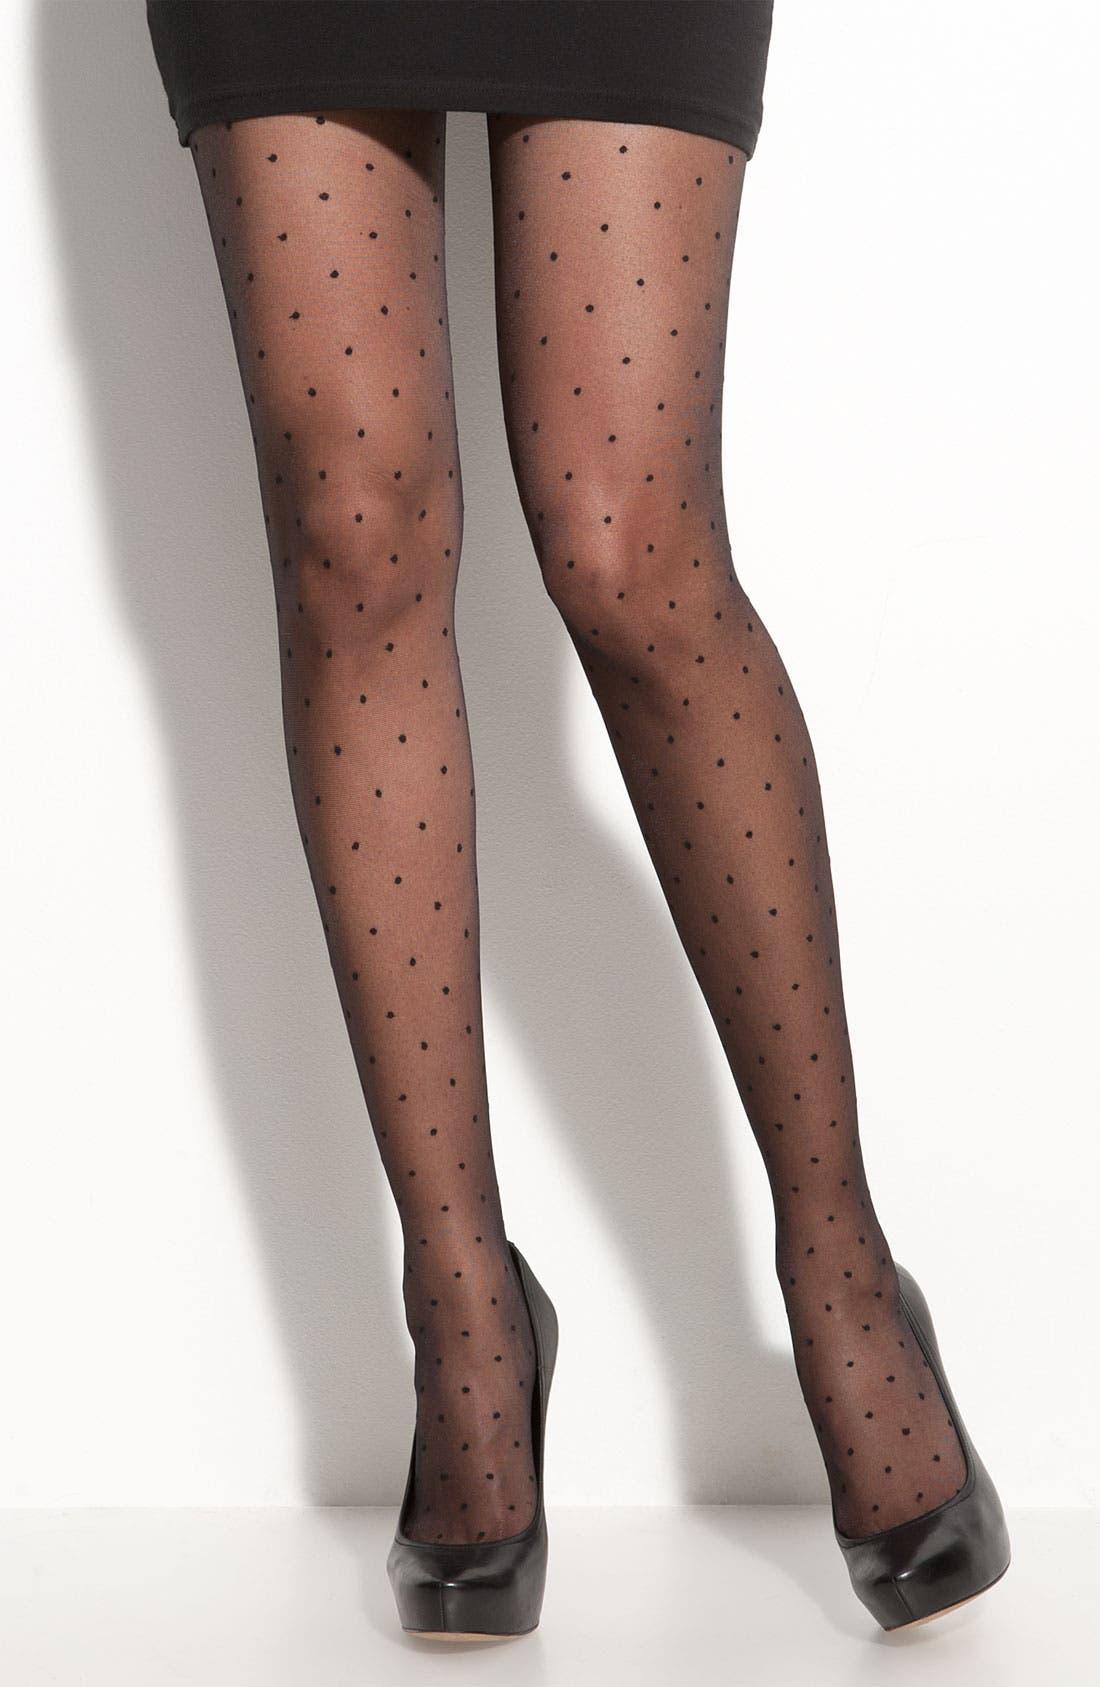 Alternate Image 1 Selected - Nordstrom 'Back Seam Dot' Stockings